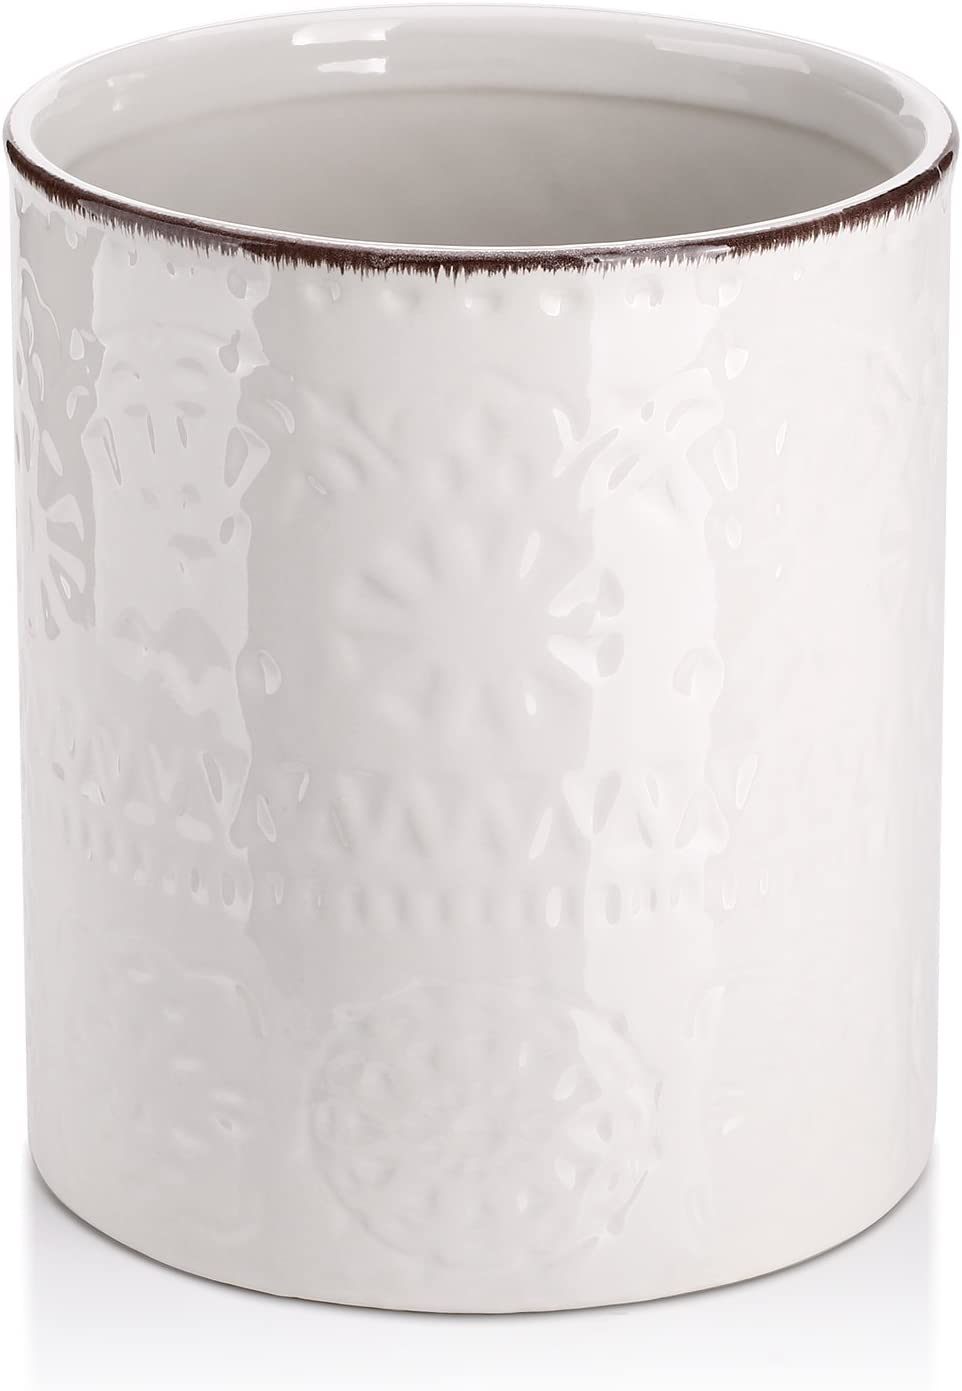 DOWAN Utensil Holder, Ceramic Kitchen Utensil Holder with Cork Mat, Embossed Utensils Holder, White